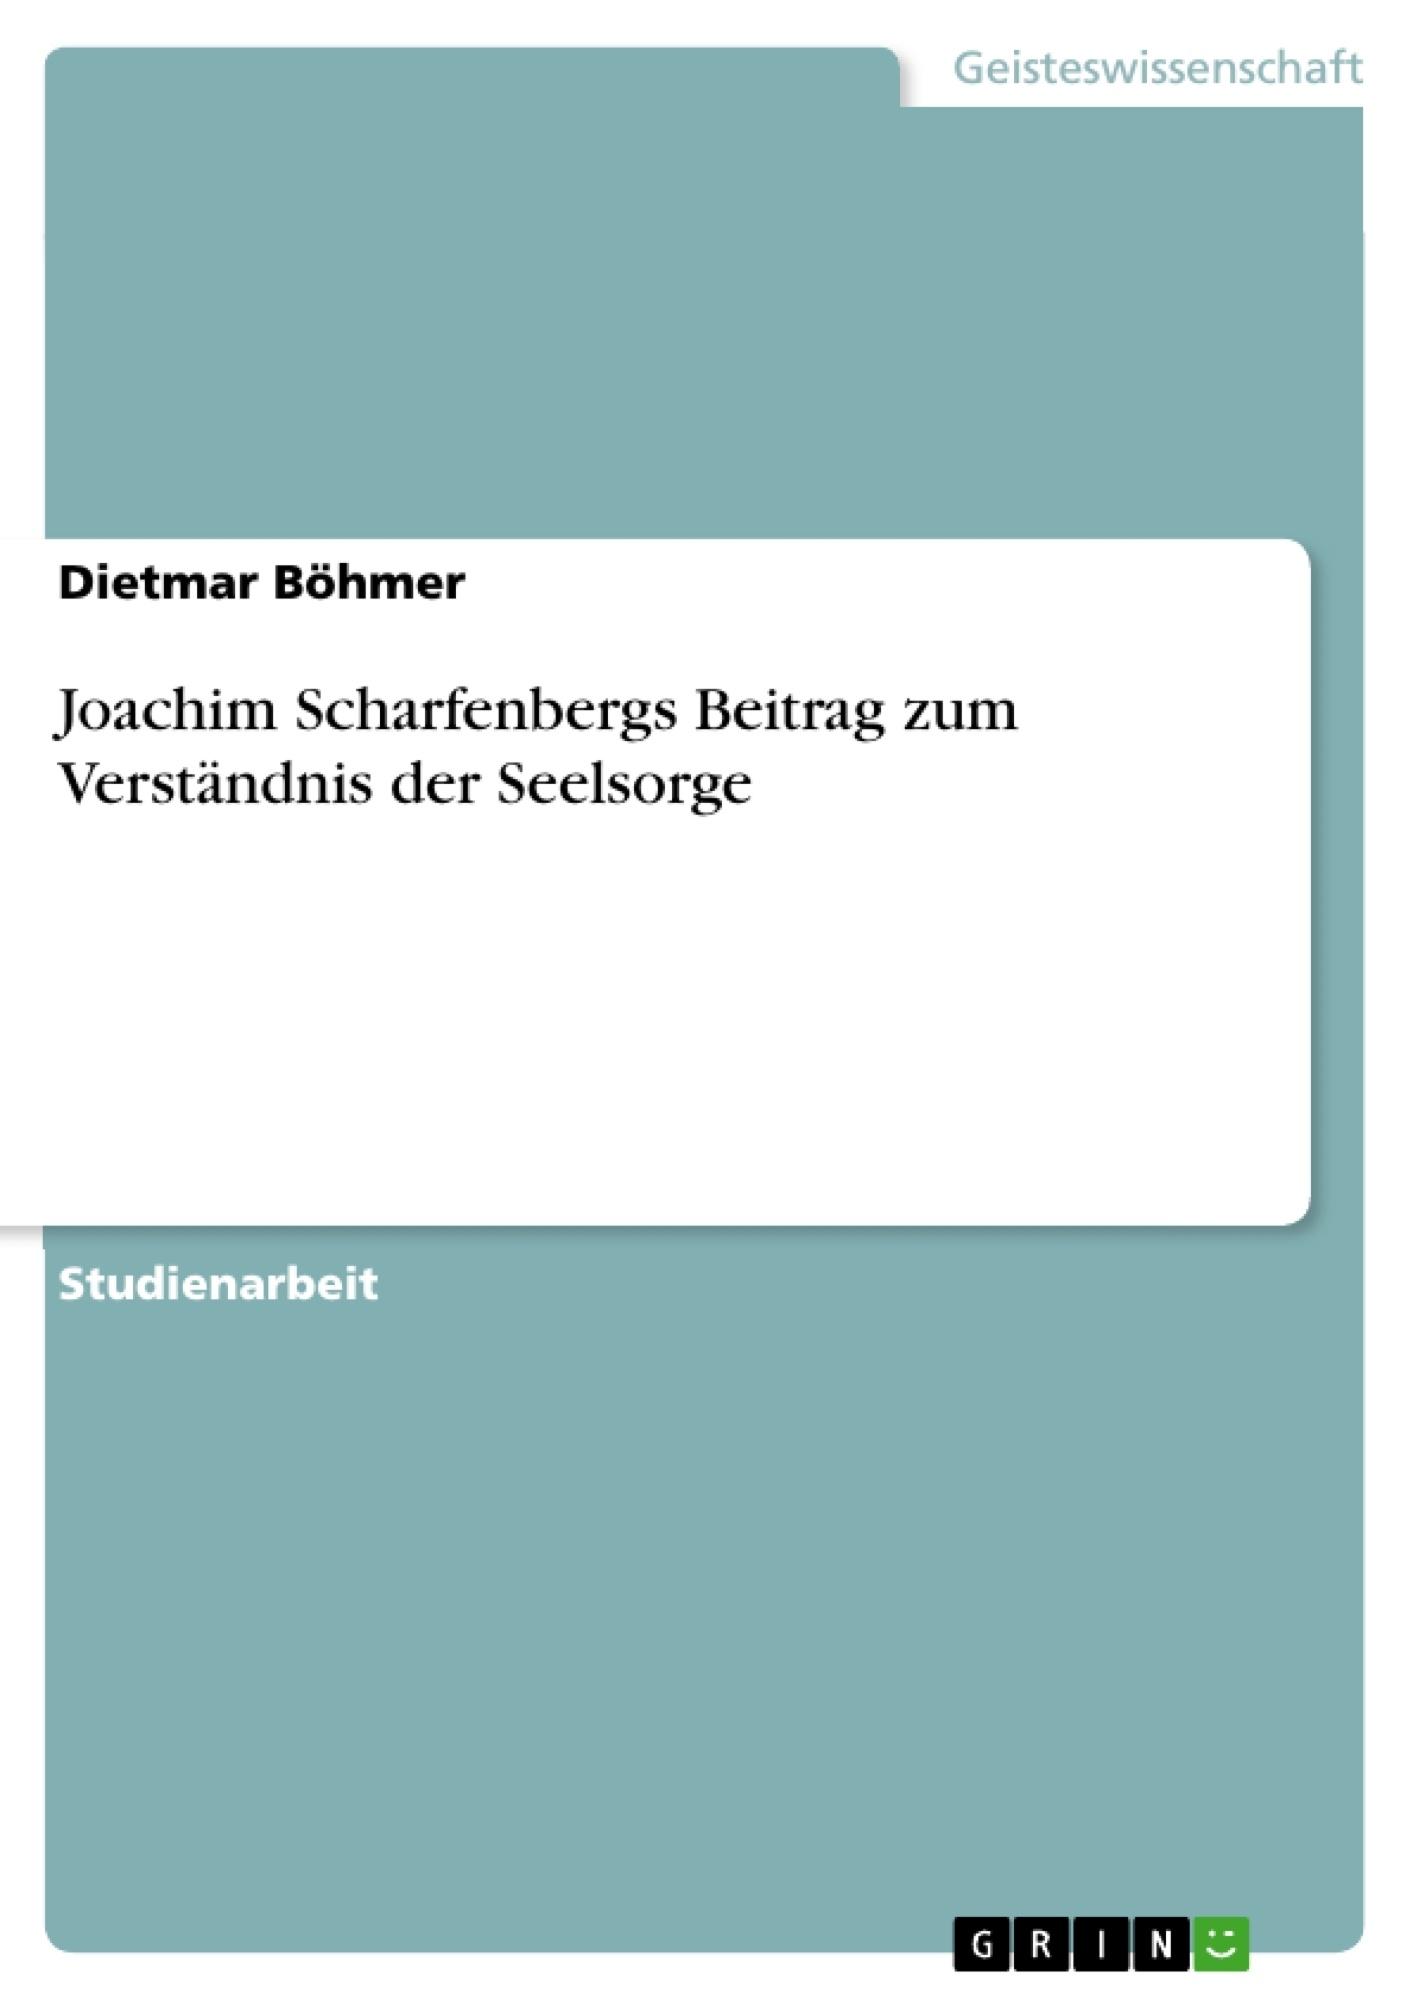 Titel: Joachim Scharfenbergs Beitrag zum Verständnis der Seelsorge